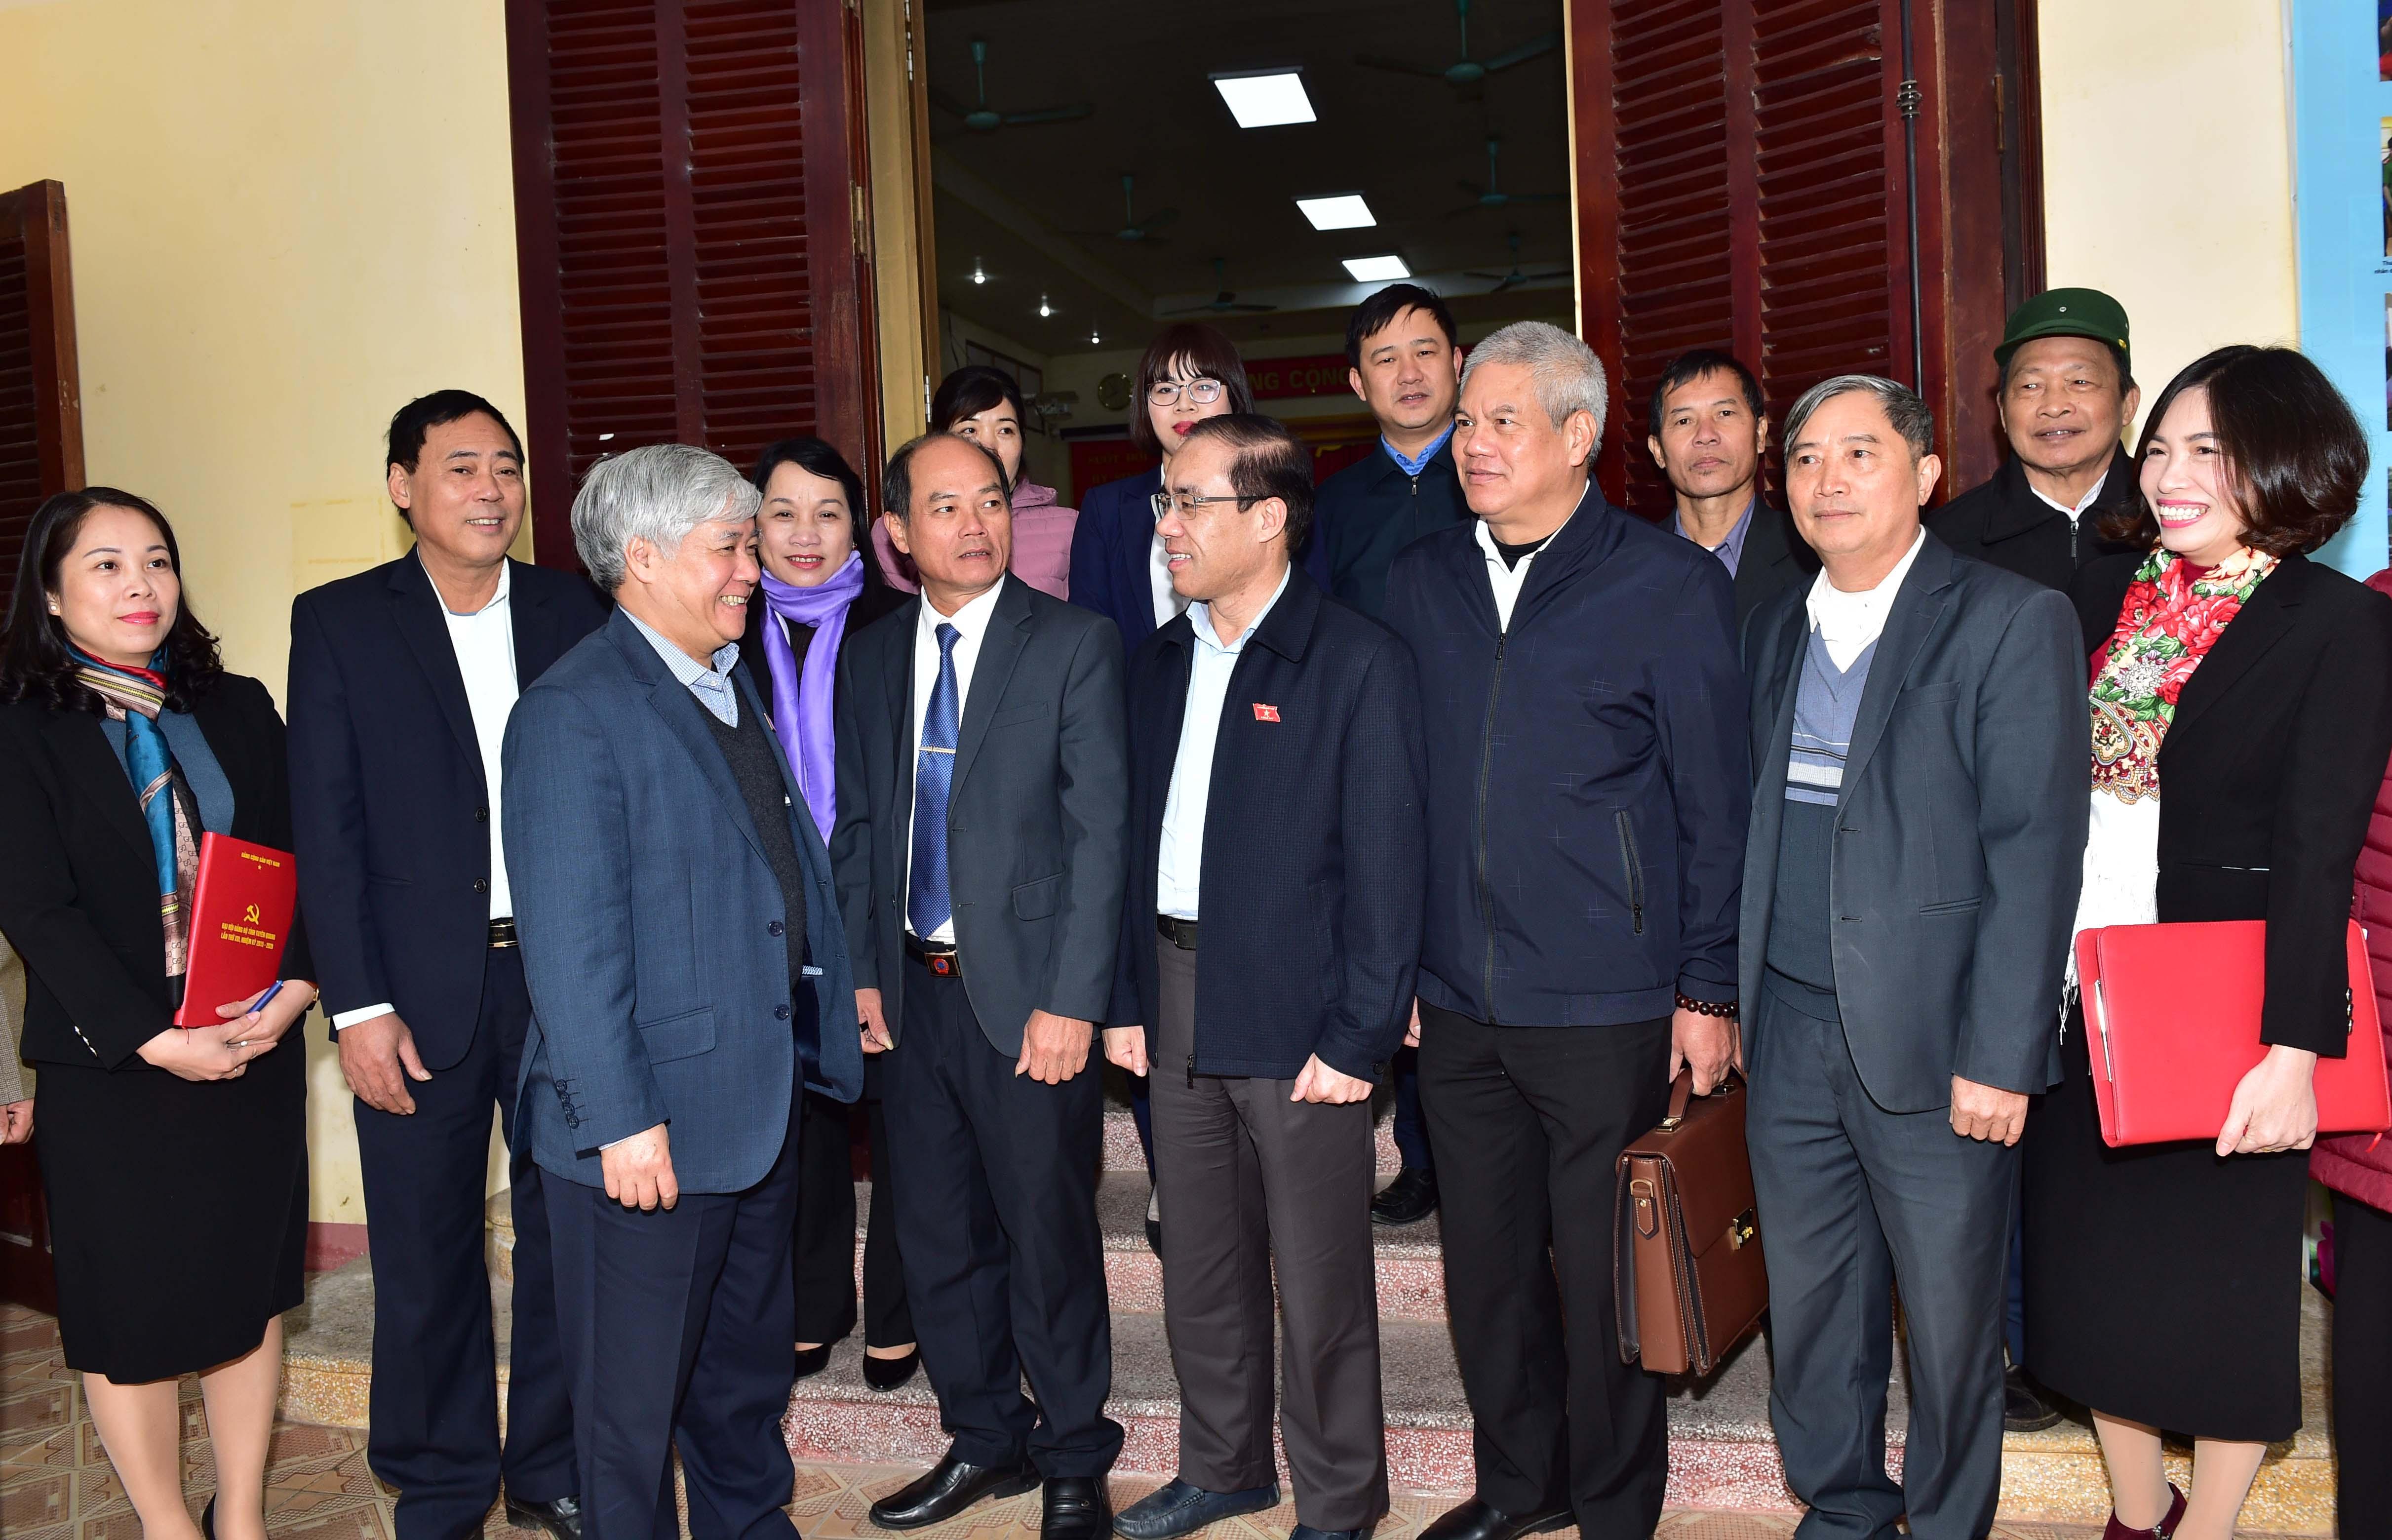 Đoàn ĐBQH tỉnh Tuyên Quang trao đổi, trò chuyện với cử tri huyện Sơn Dương